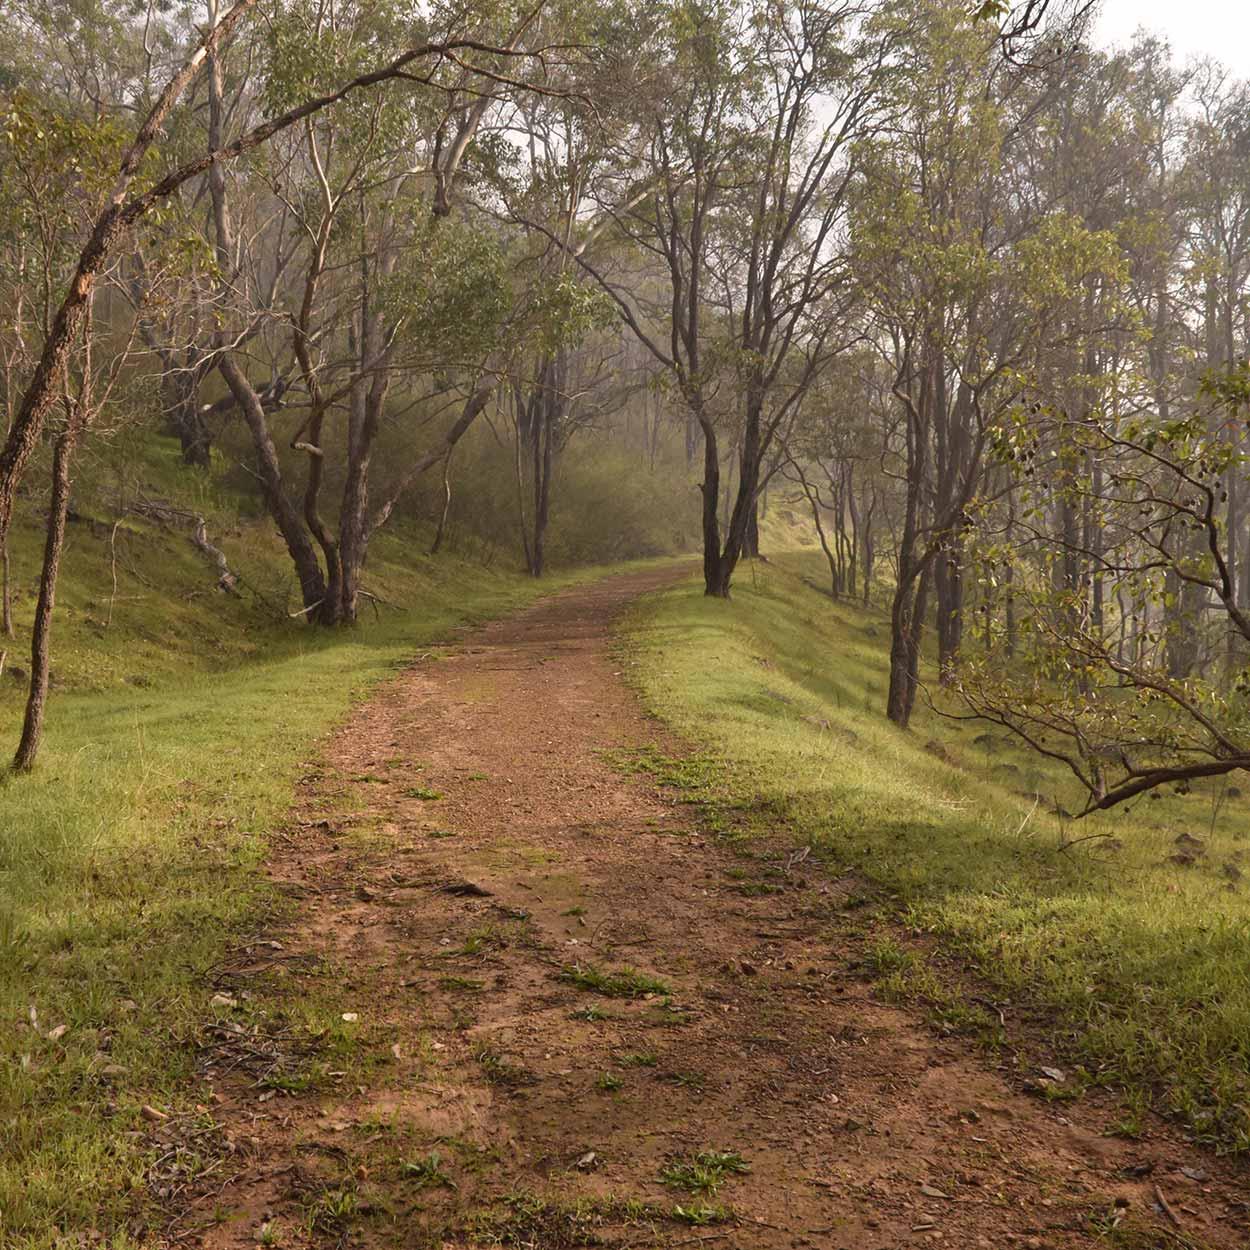 Smoky bushland, Wungong Regional Park, Perth, Western Australia